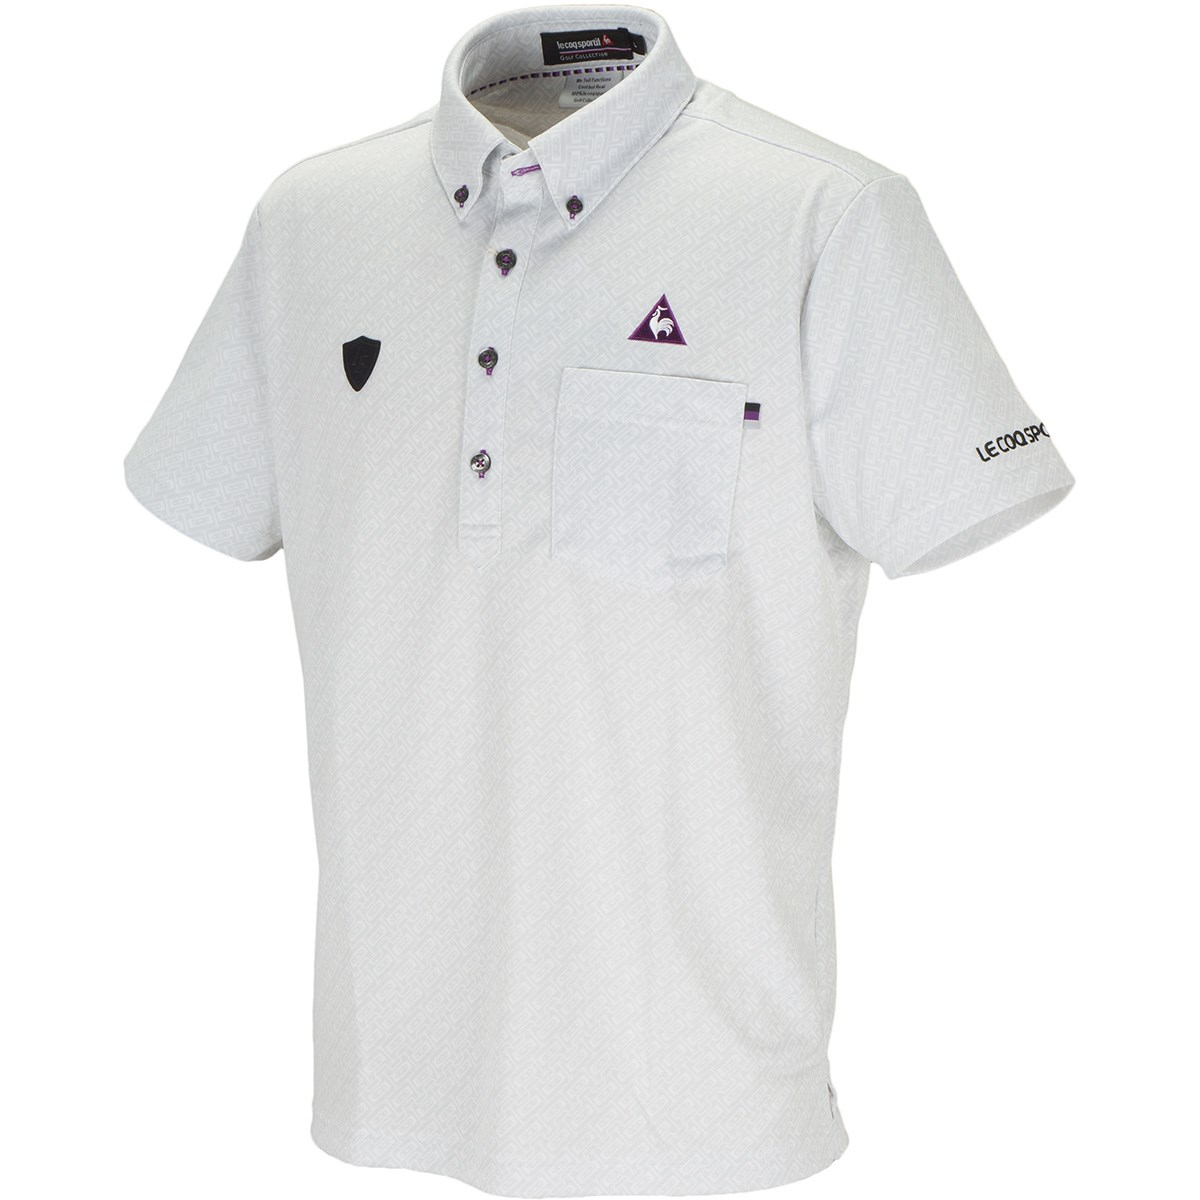 ルコックゴルフ カセットバイヤスプリント 半袖ポロシャツ